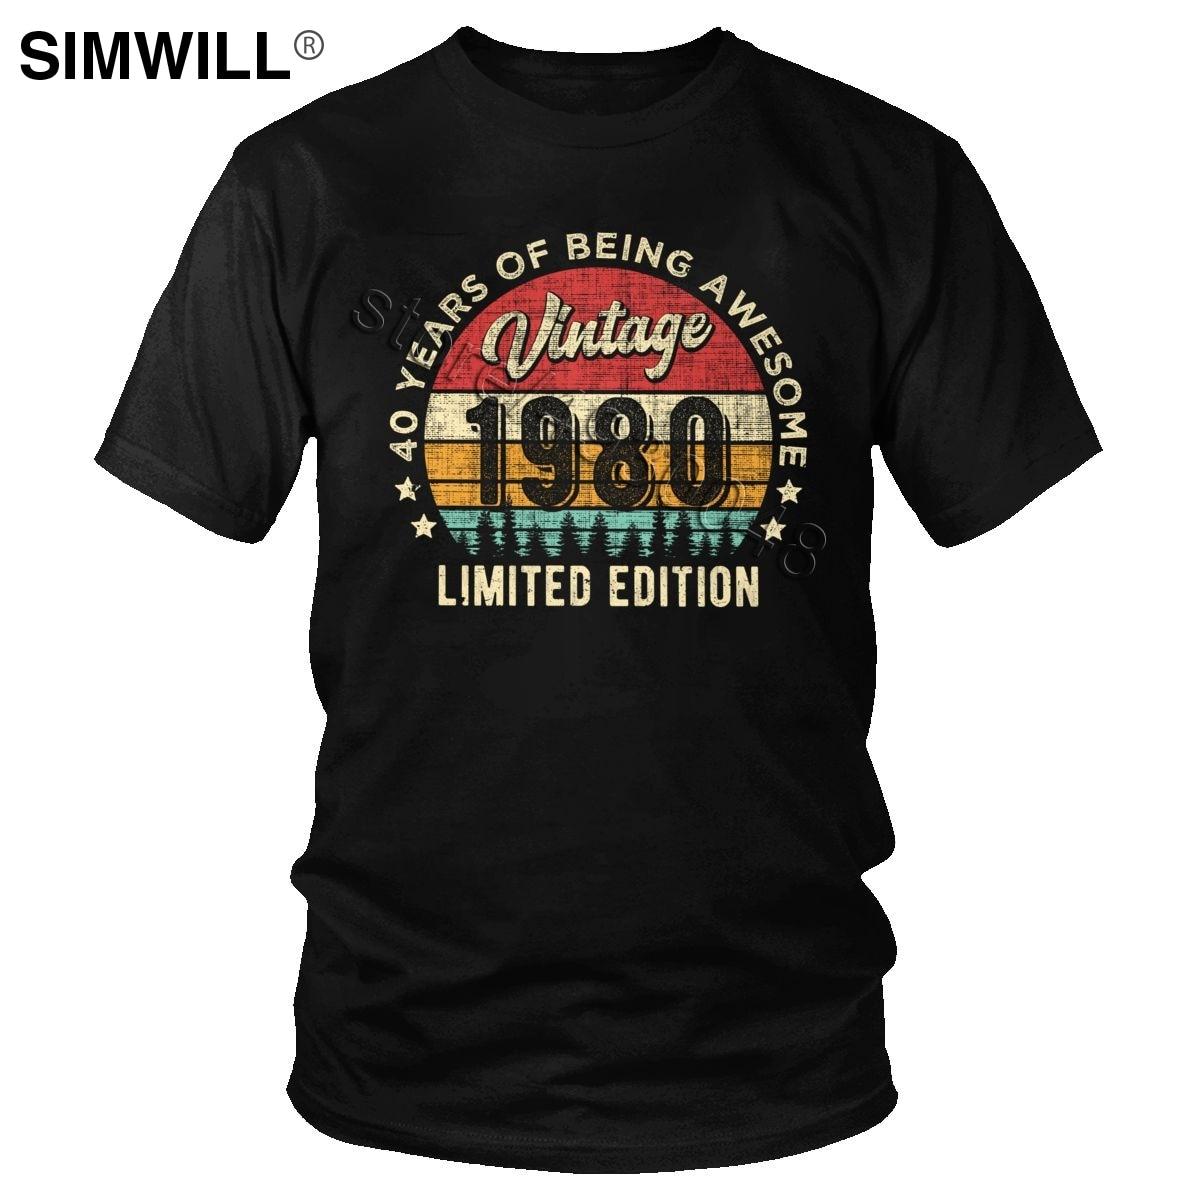 Vintage 1980 40 años de edad impresionante 40th cumpleaños camiseta hombres algodón 80s Tees Retro de manga corta guapo camiseta al por mayor regalo